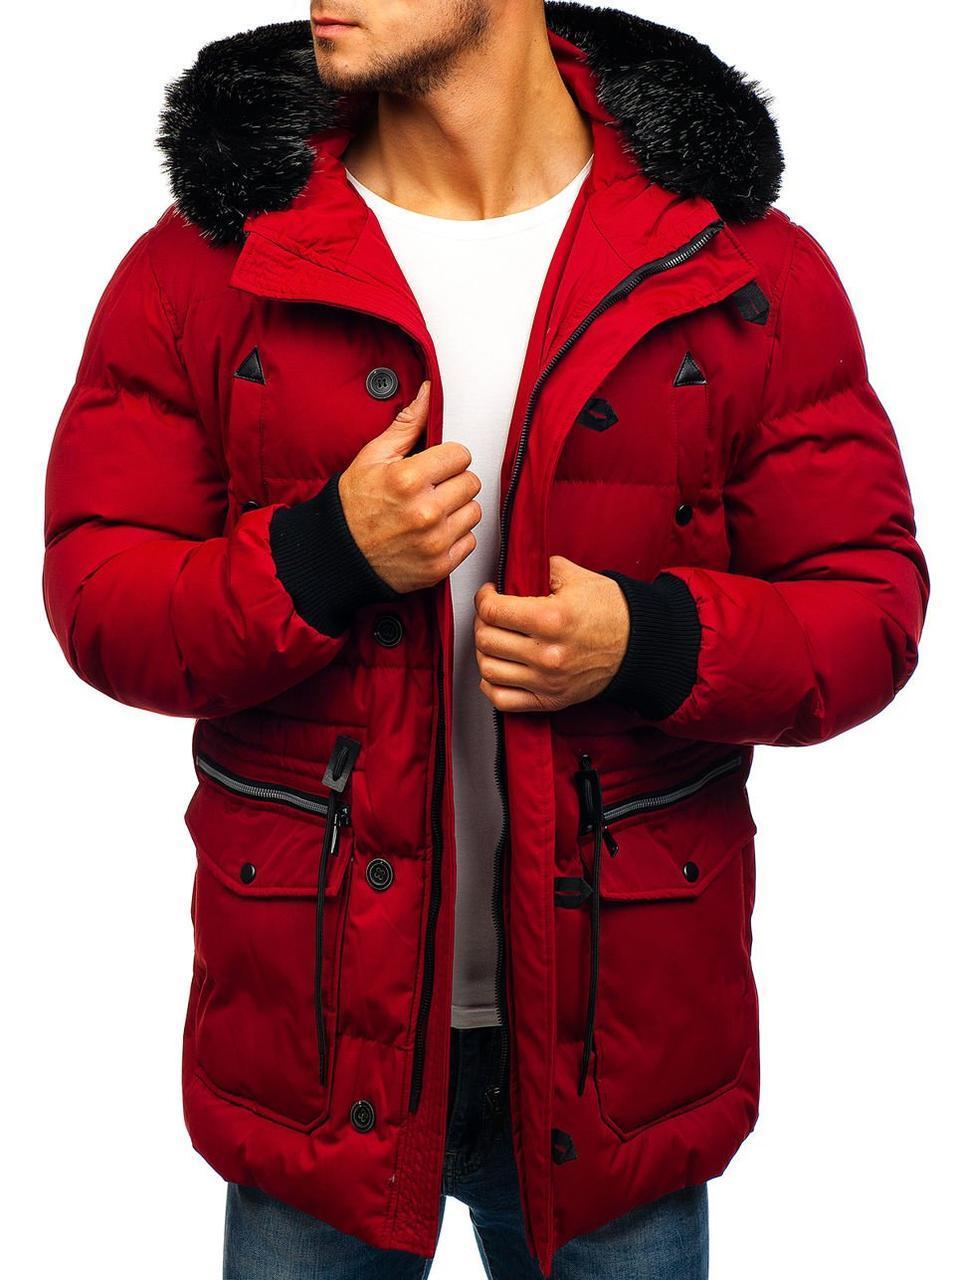 Зимняя стёганая мужская парковая куртка с капюшоном Бордовый